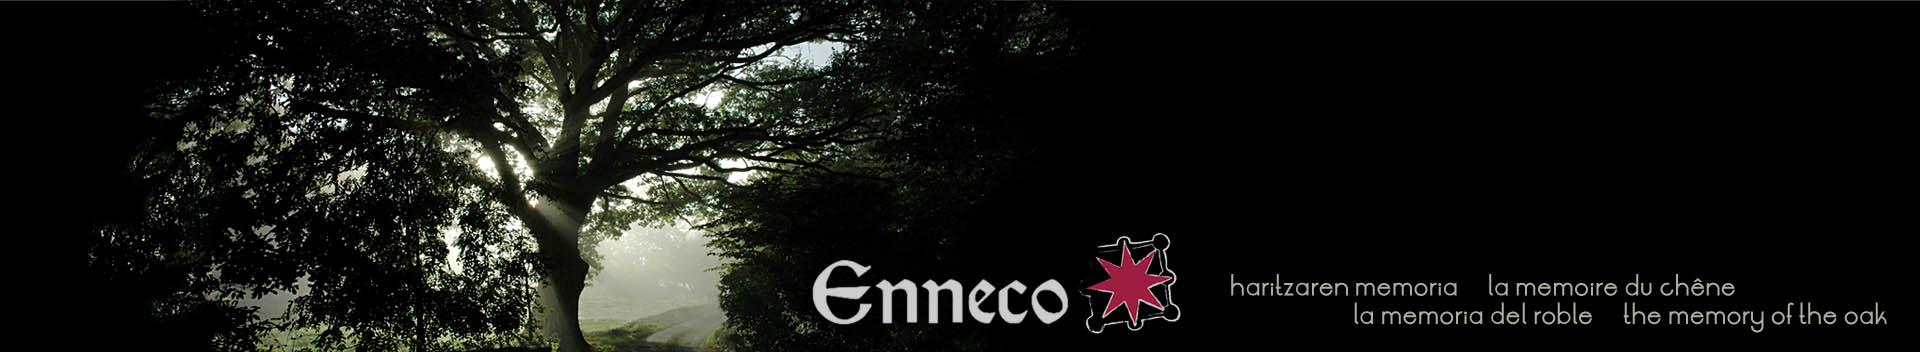 Enneco, haritzaren memoria